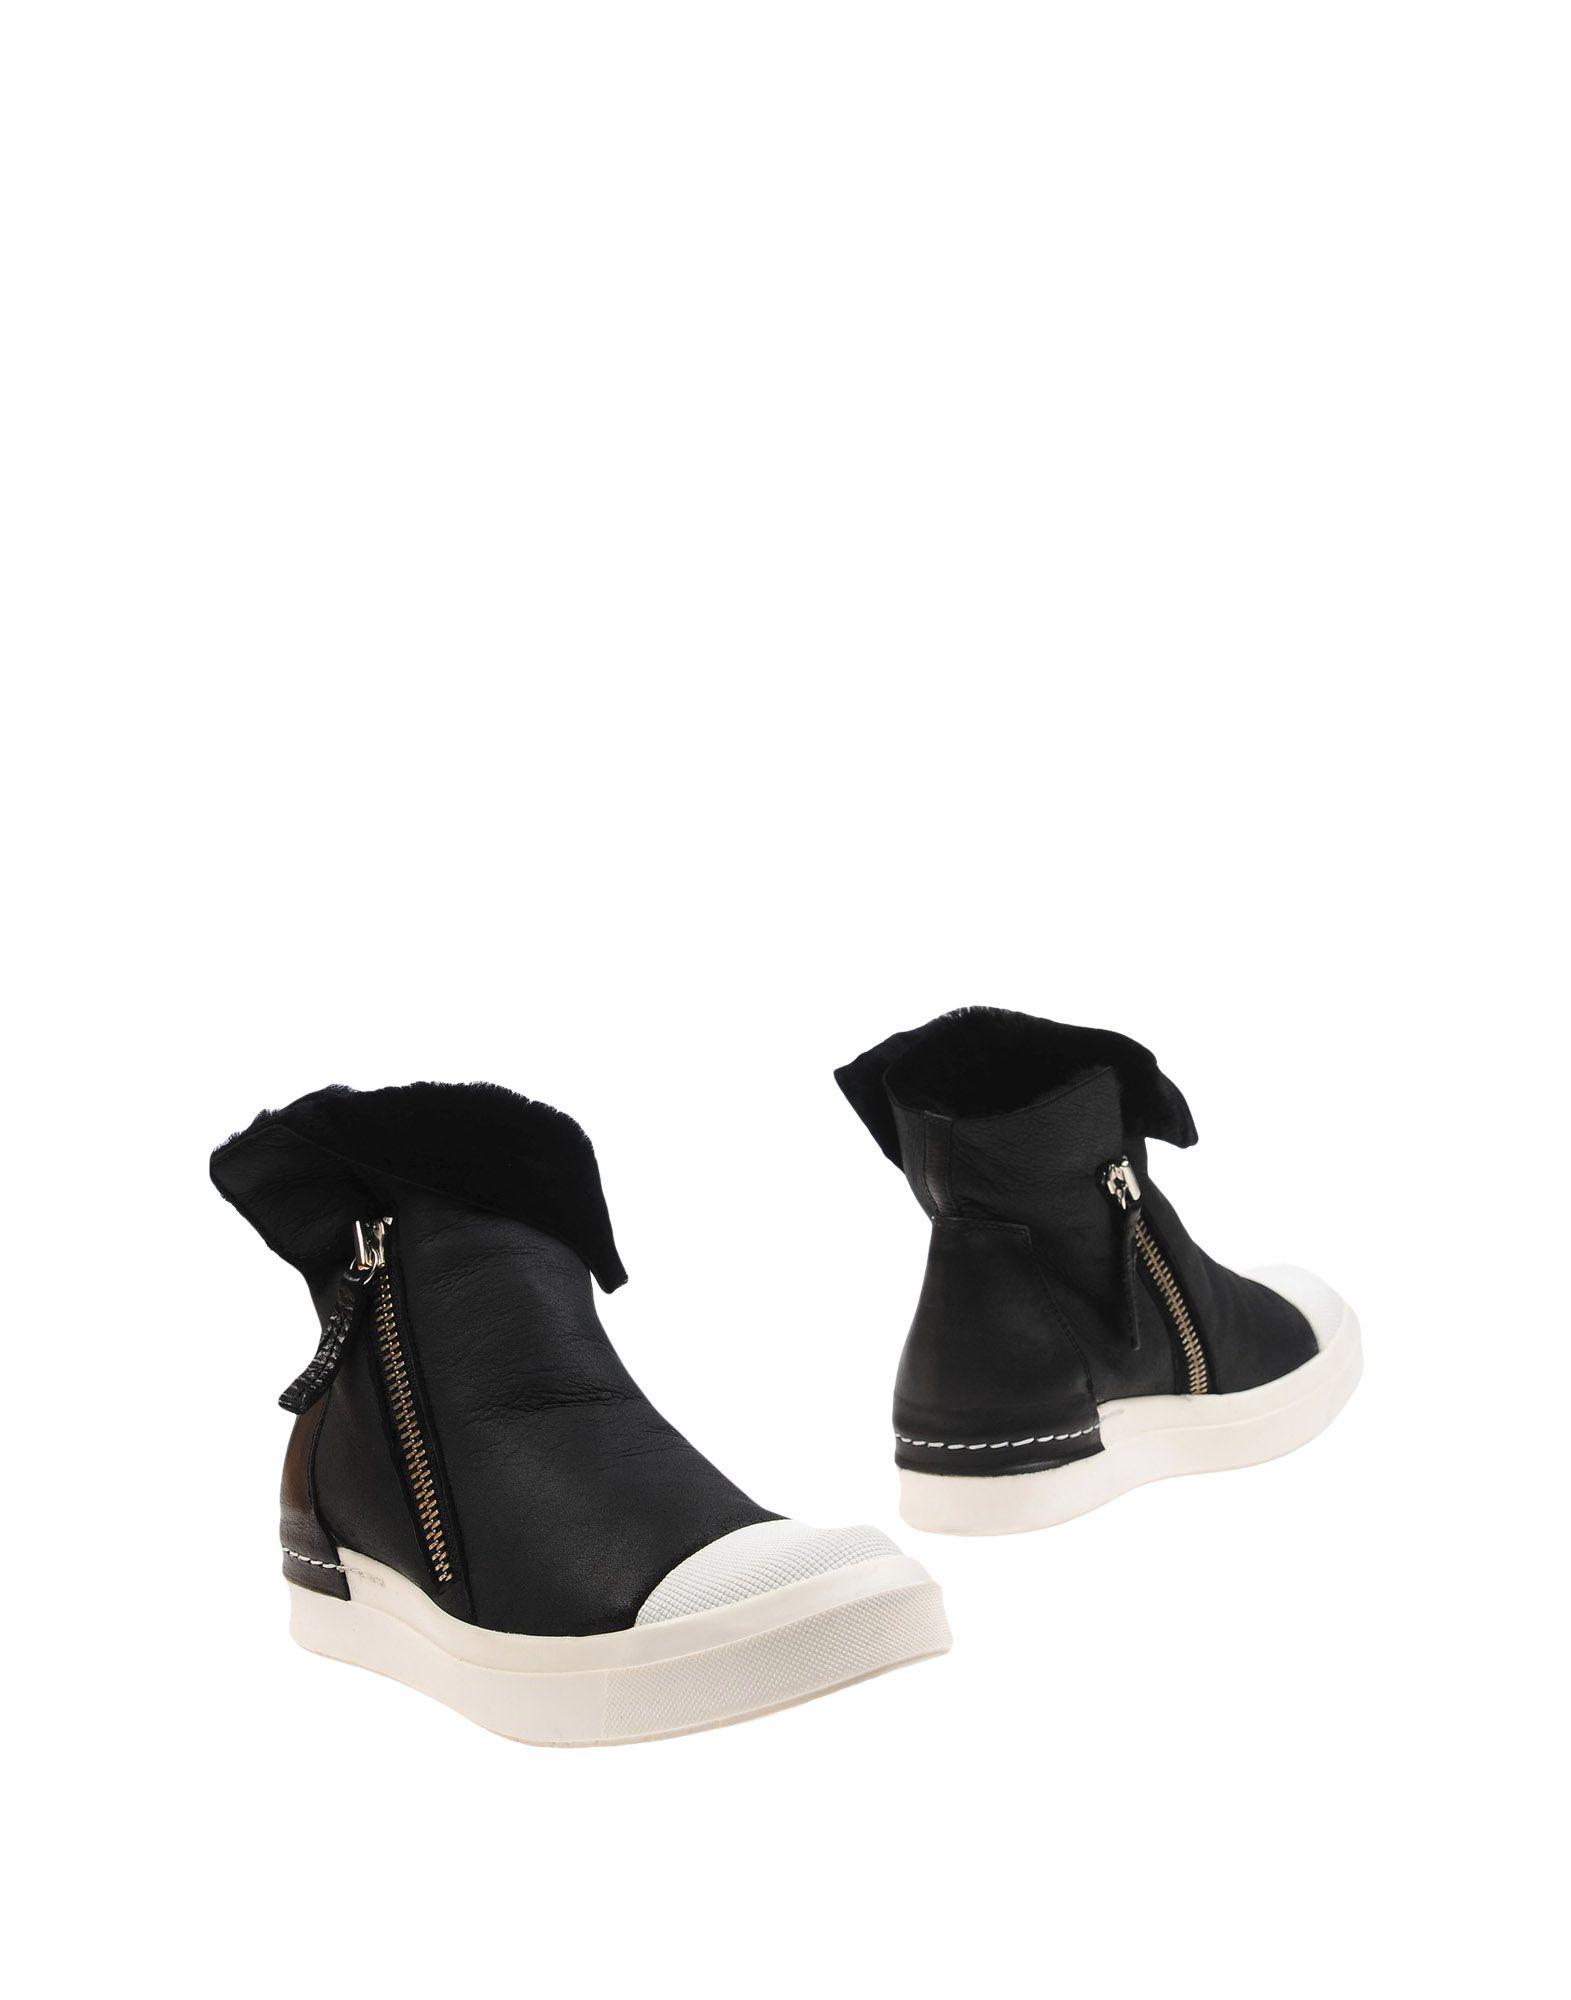 Ca By Cinzia Araia Stiefelette Damen  11285606FQGünstige gut aussehende Schuhe